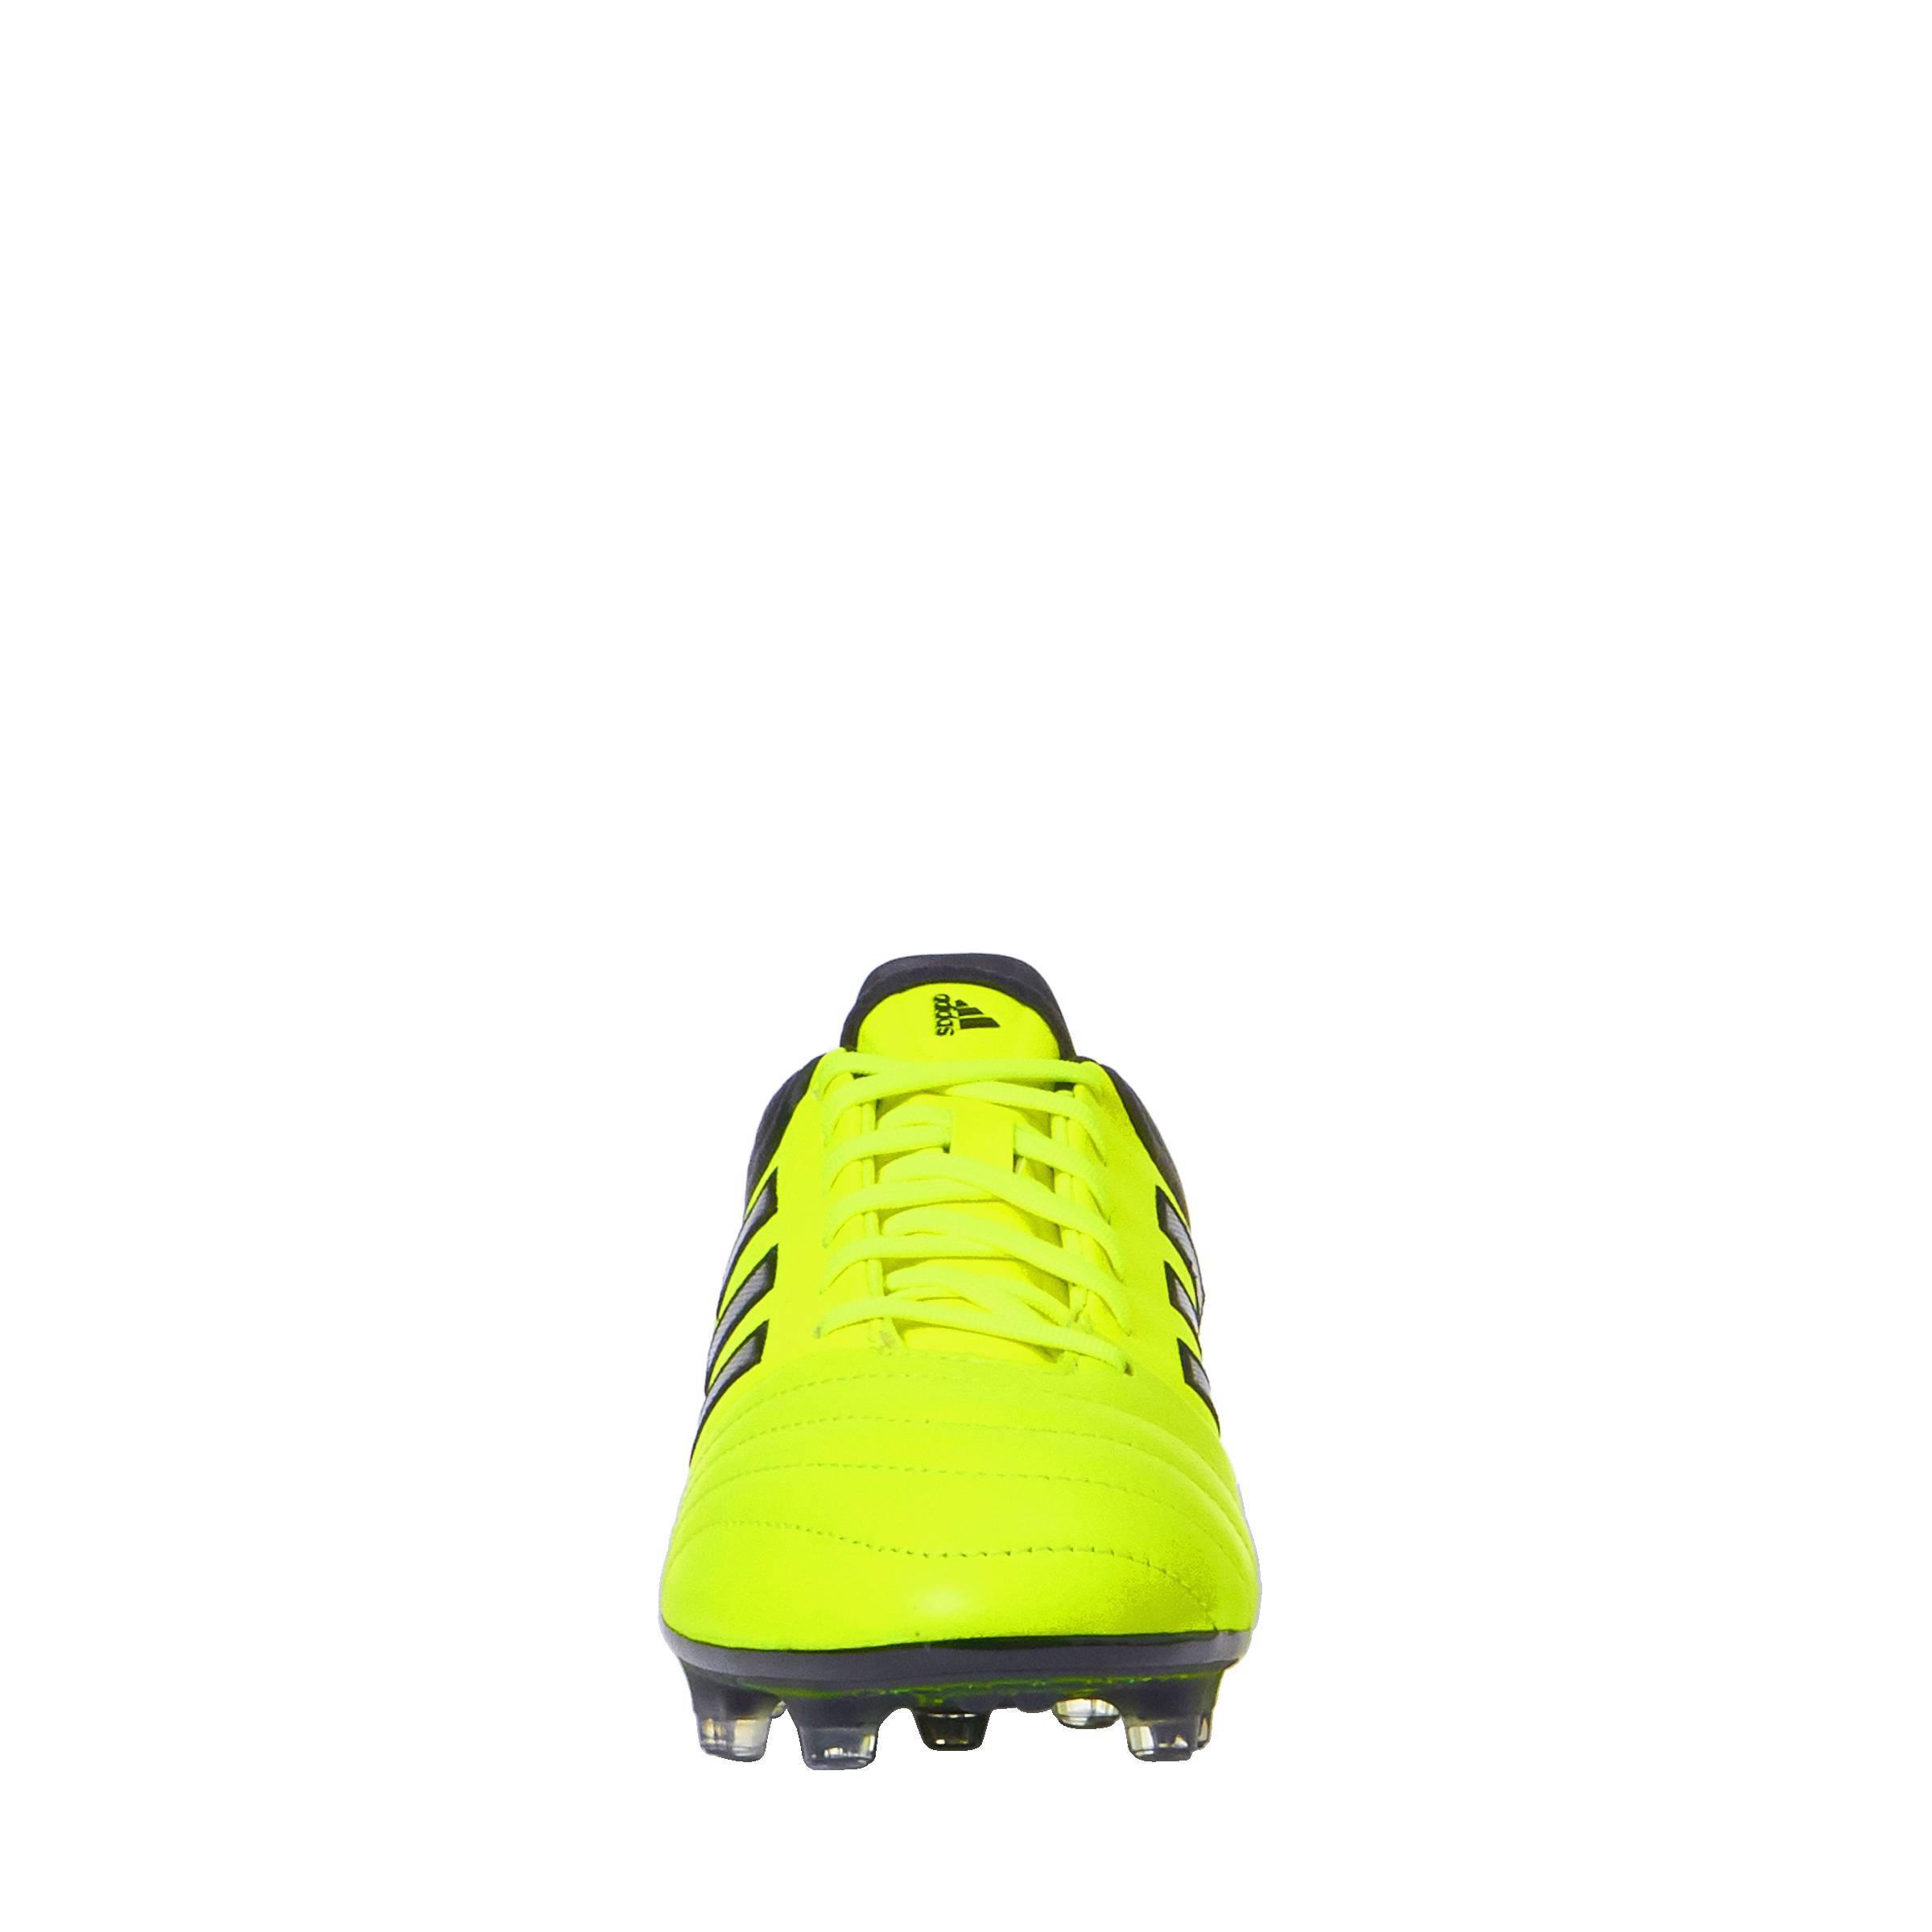 adidas copa 17.2 fg voetbalschoenen heren